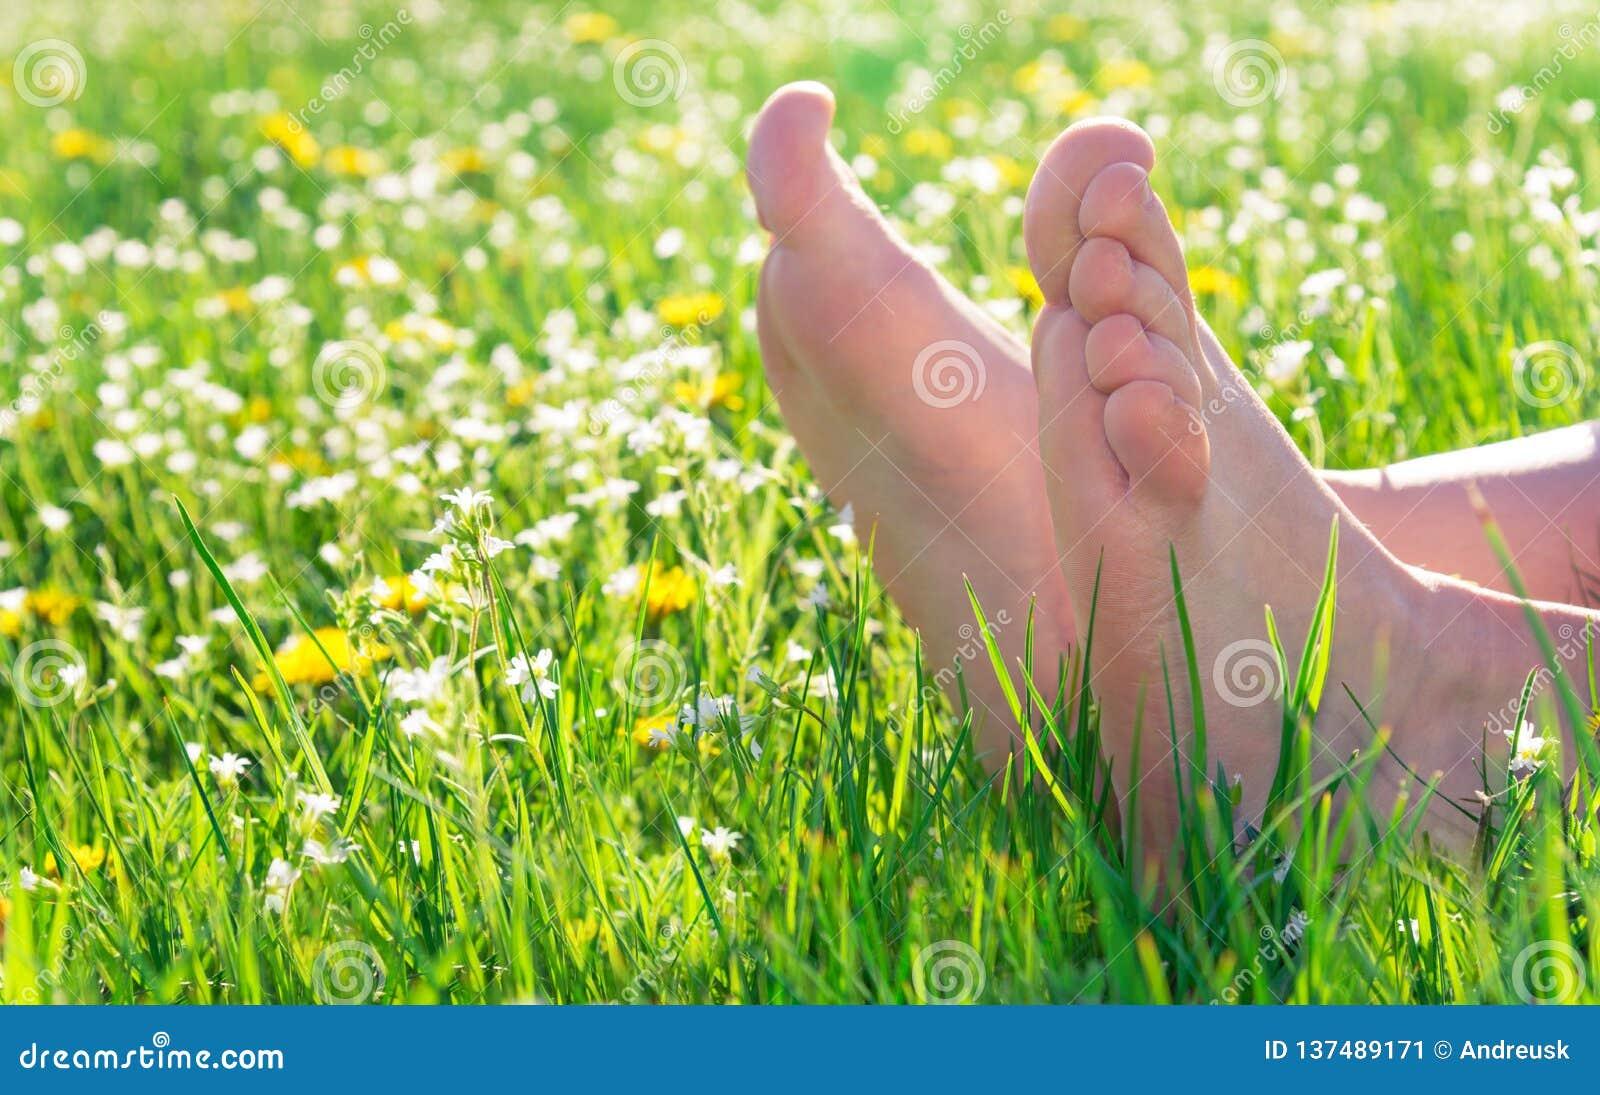 Γυμνά πόδια στη χλόη άνοιξη